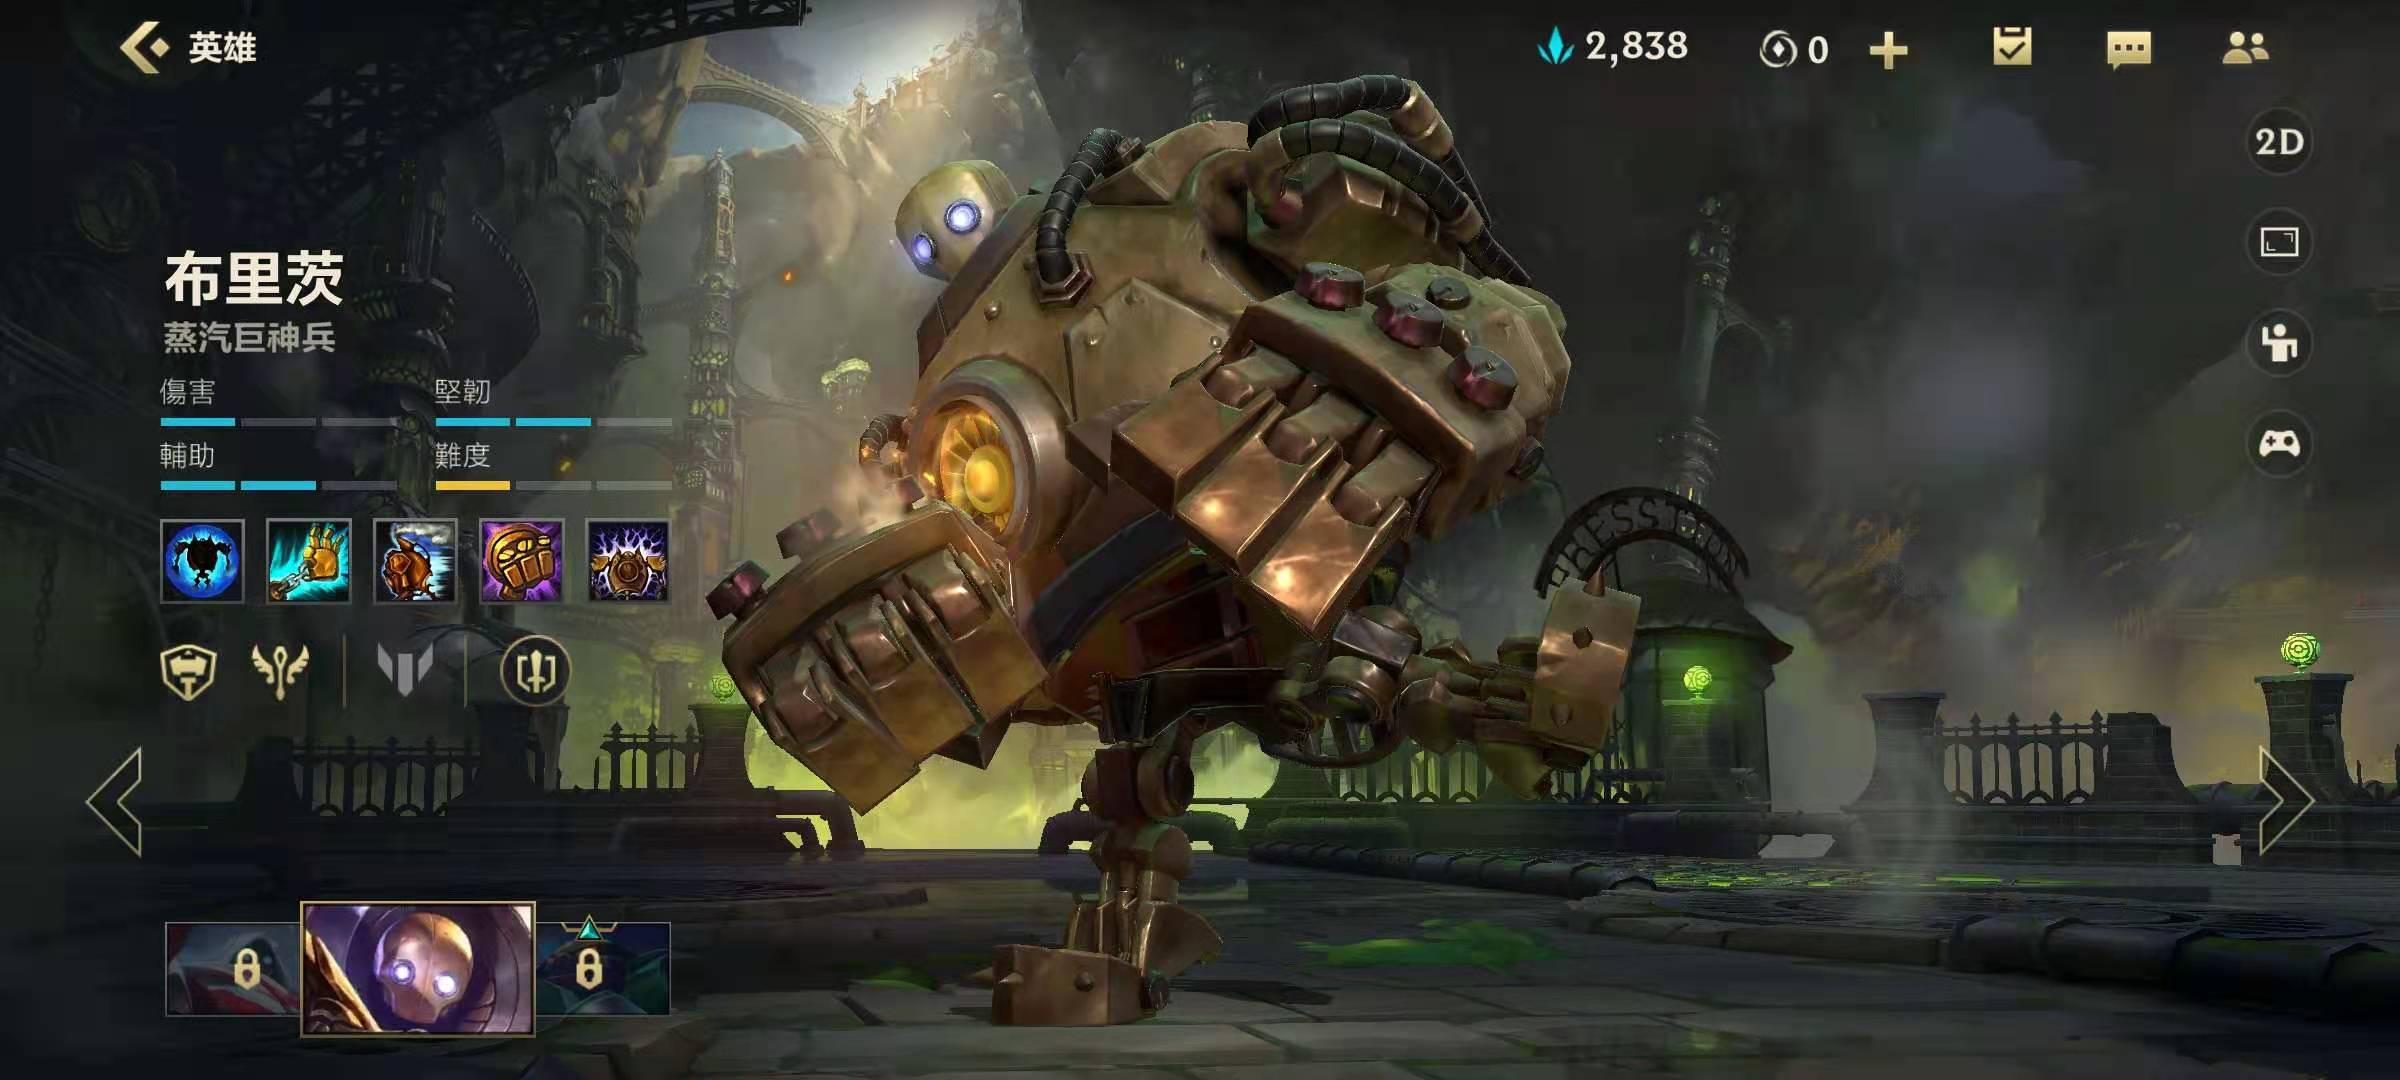 英雄联盟手游AP机器怎么玩 英雄联盟手游ap机器人连招推荐